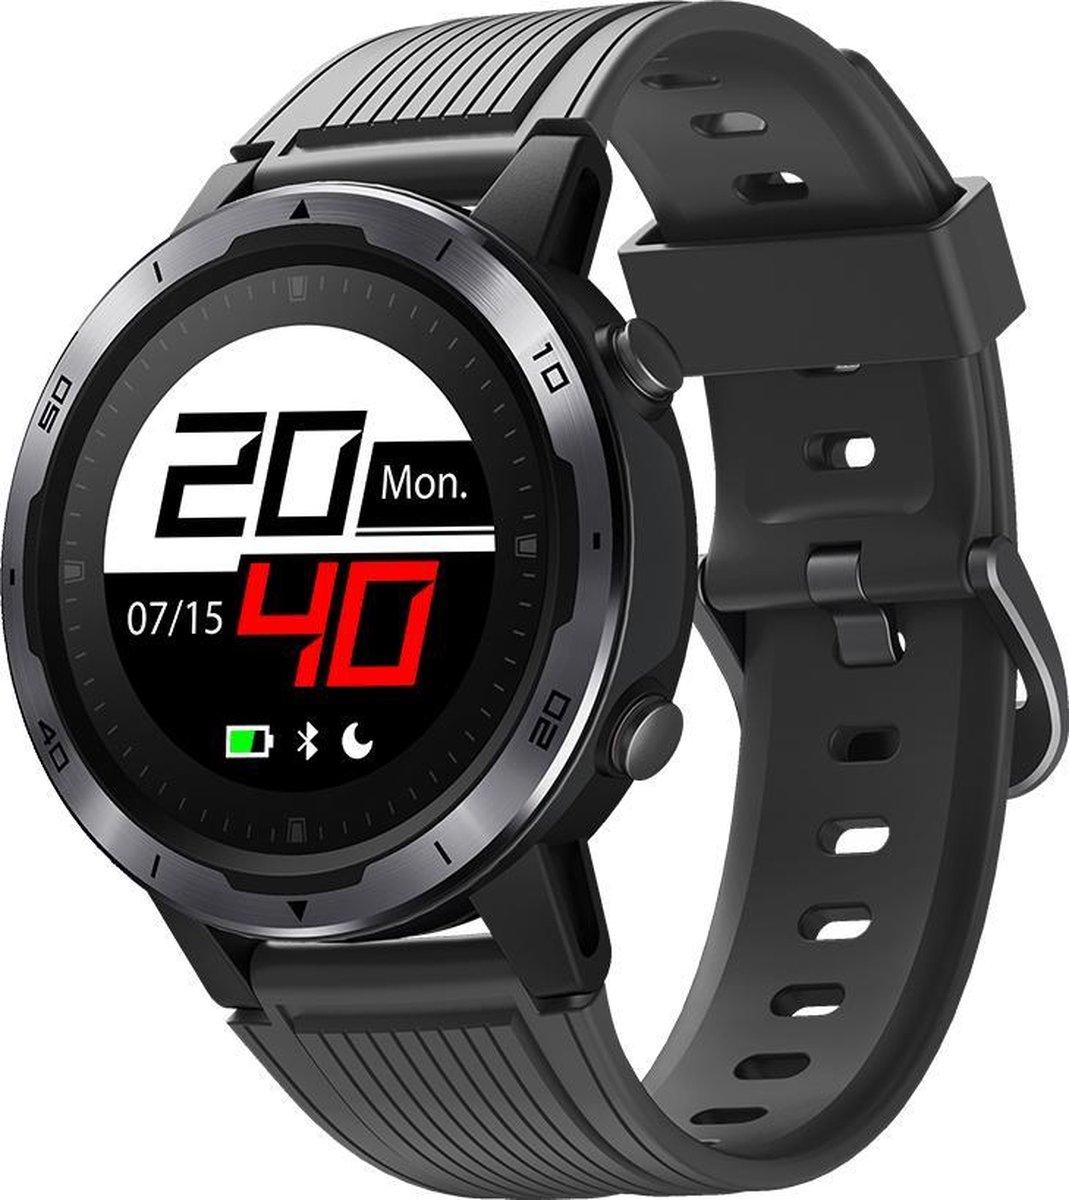 SmartWatch-Trends - Smartwatch - met ingebouwde GPS en Kompas - Zwart kopen